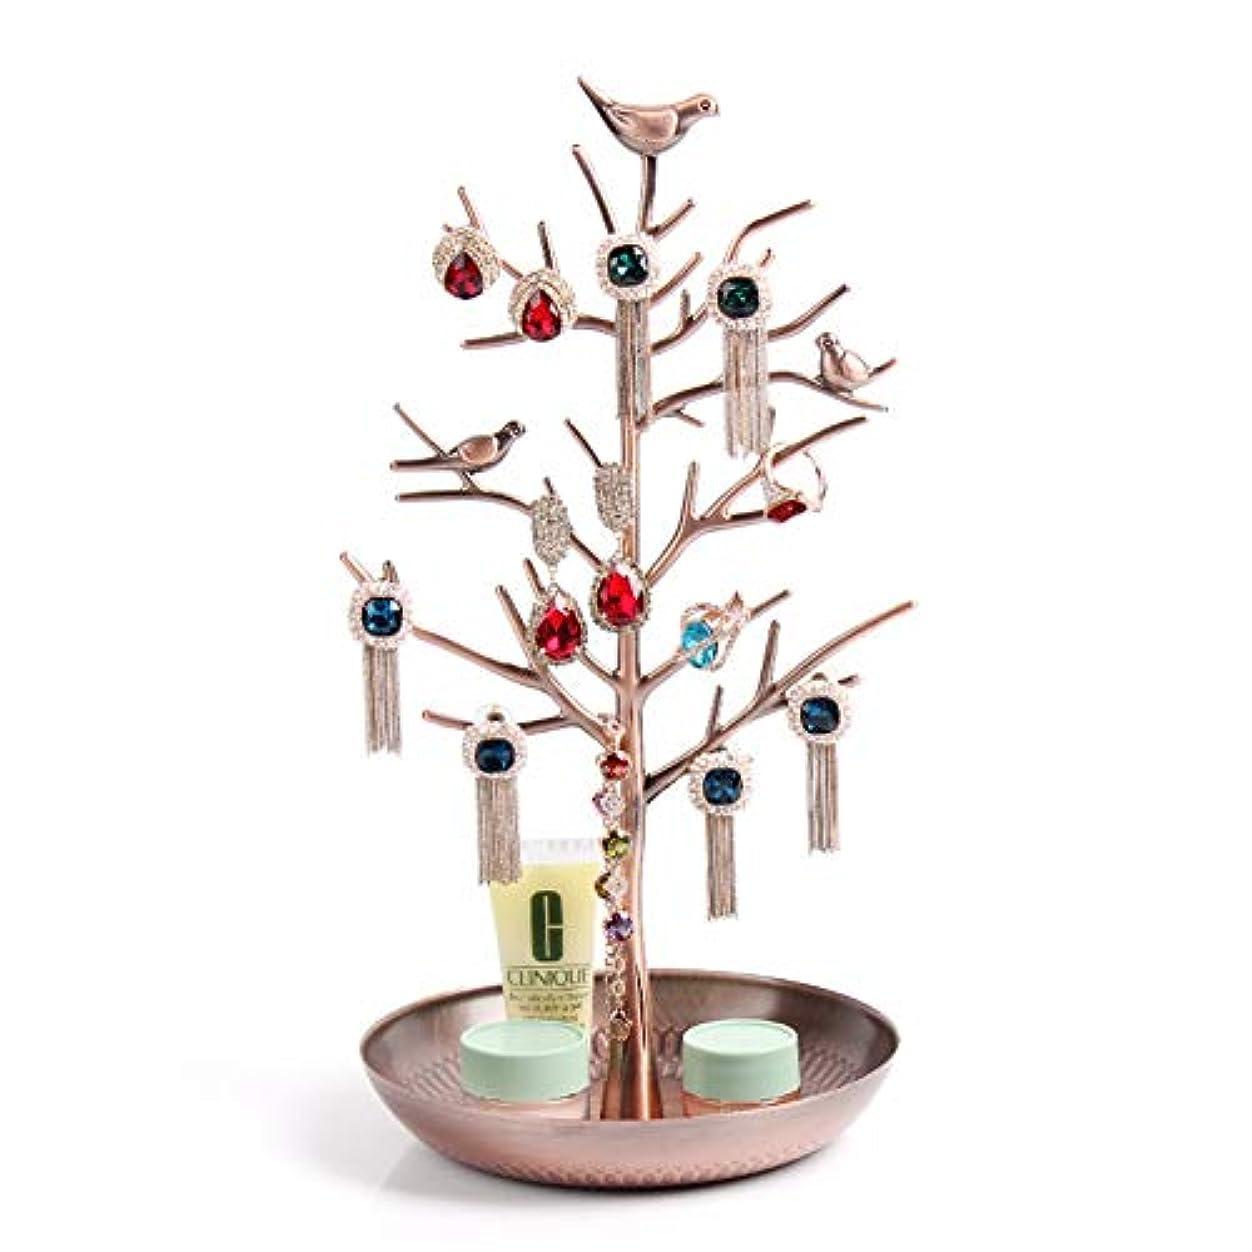 不健全宅配便彫刻家CURRENT アンティーク風 小鳥がとまる 美しい ツリー型 金具パーツセット ハンドメイドパーツ イヤリング カニカン 丸カン ピアスフック ピアスパーツ 収納できる